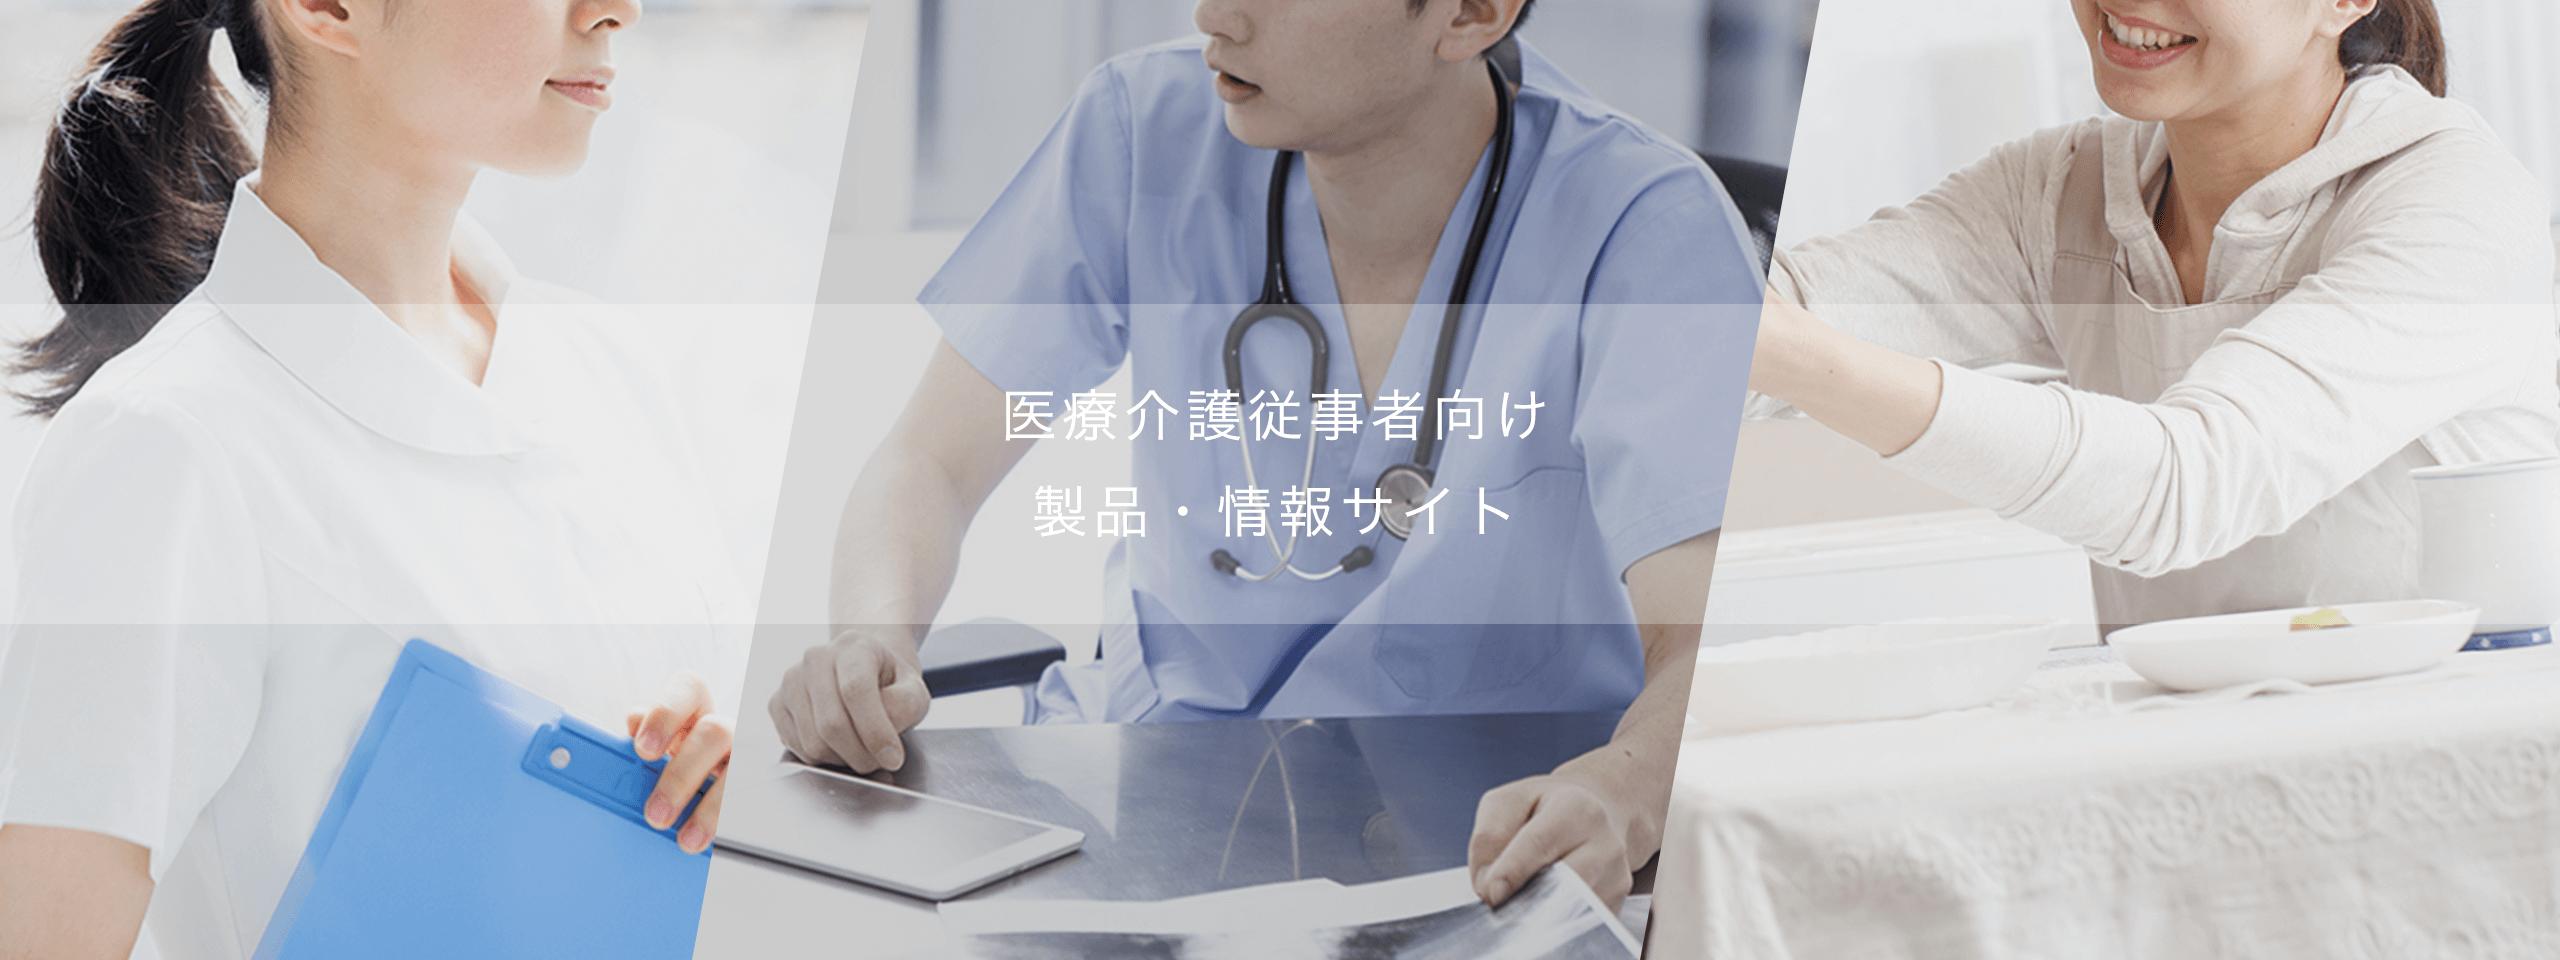 医療介護従事者向け制作・情報サイト